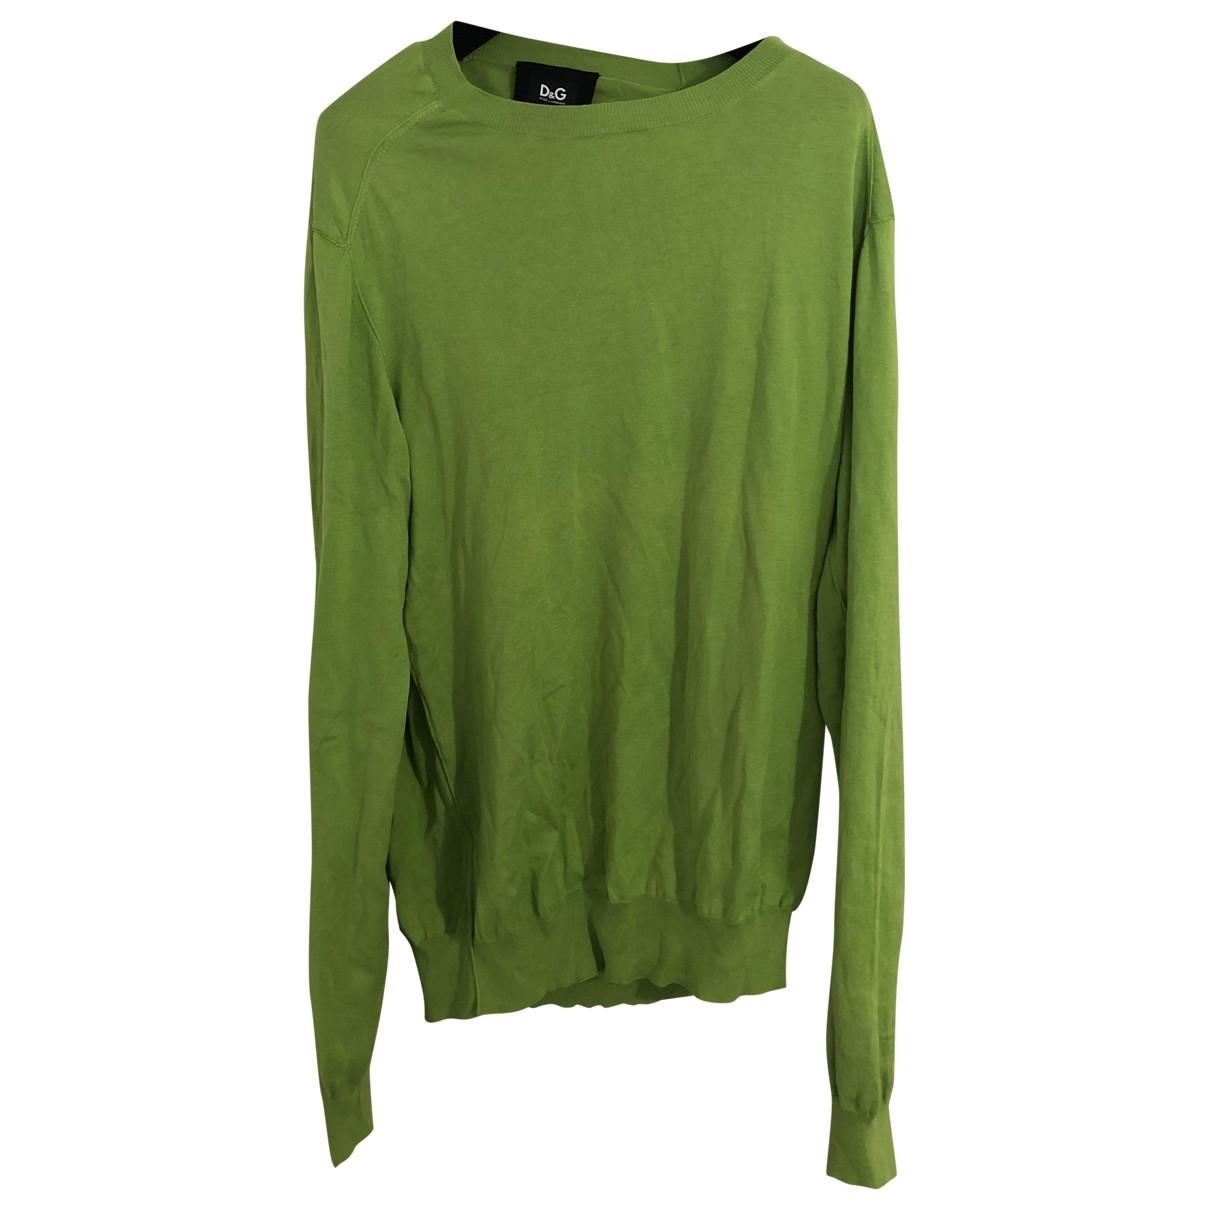 D&g - Pulls.Gilets.Sweats   pour homme en soie - vert